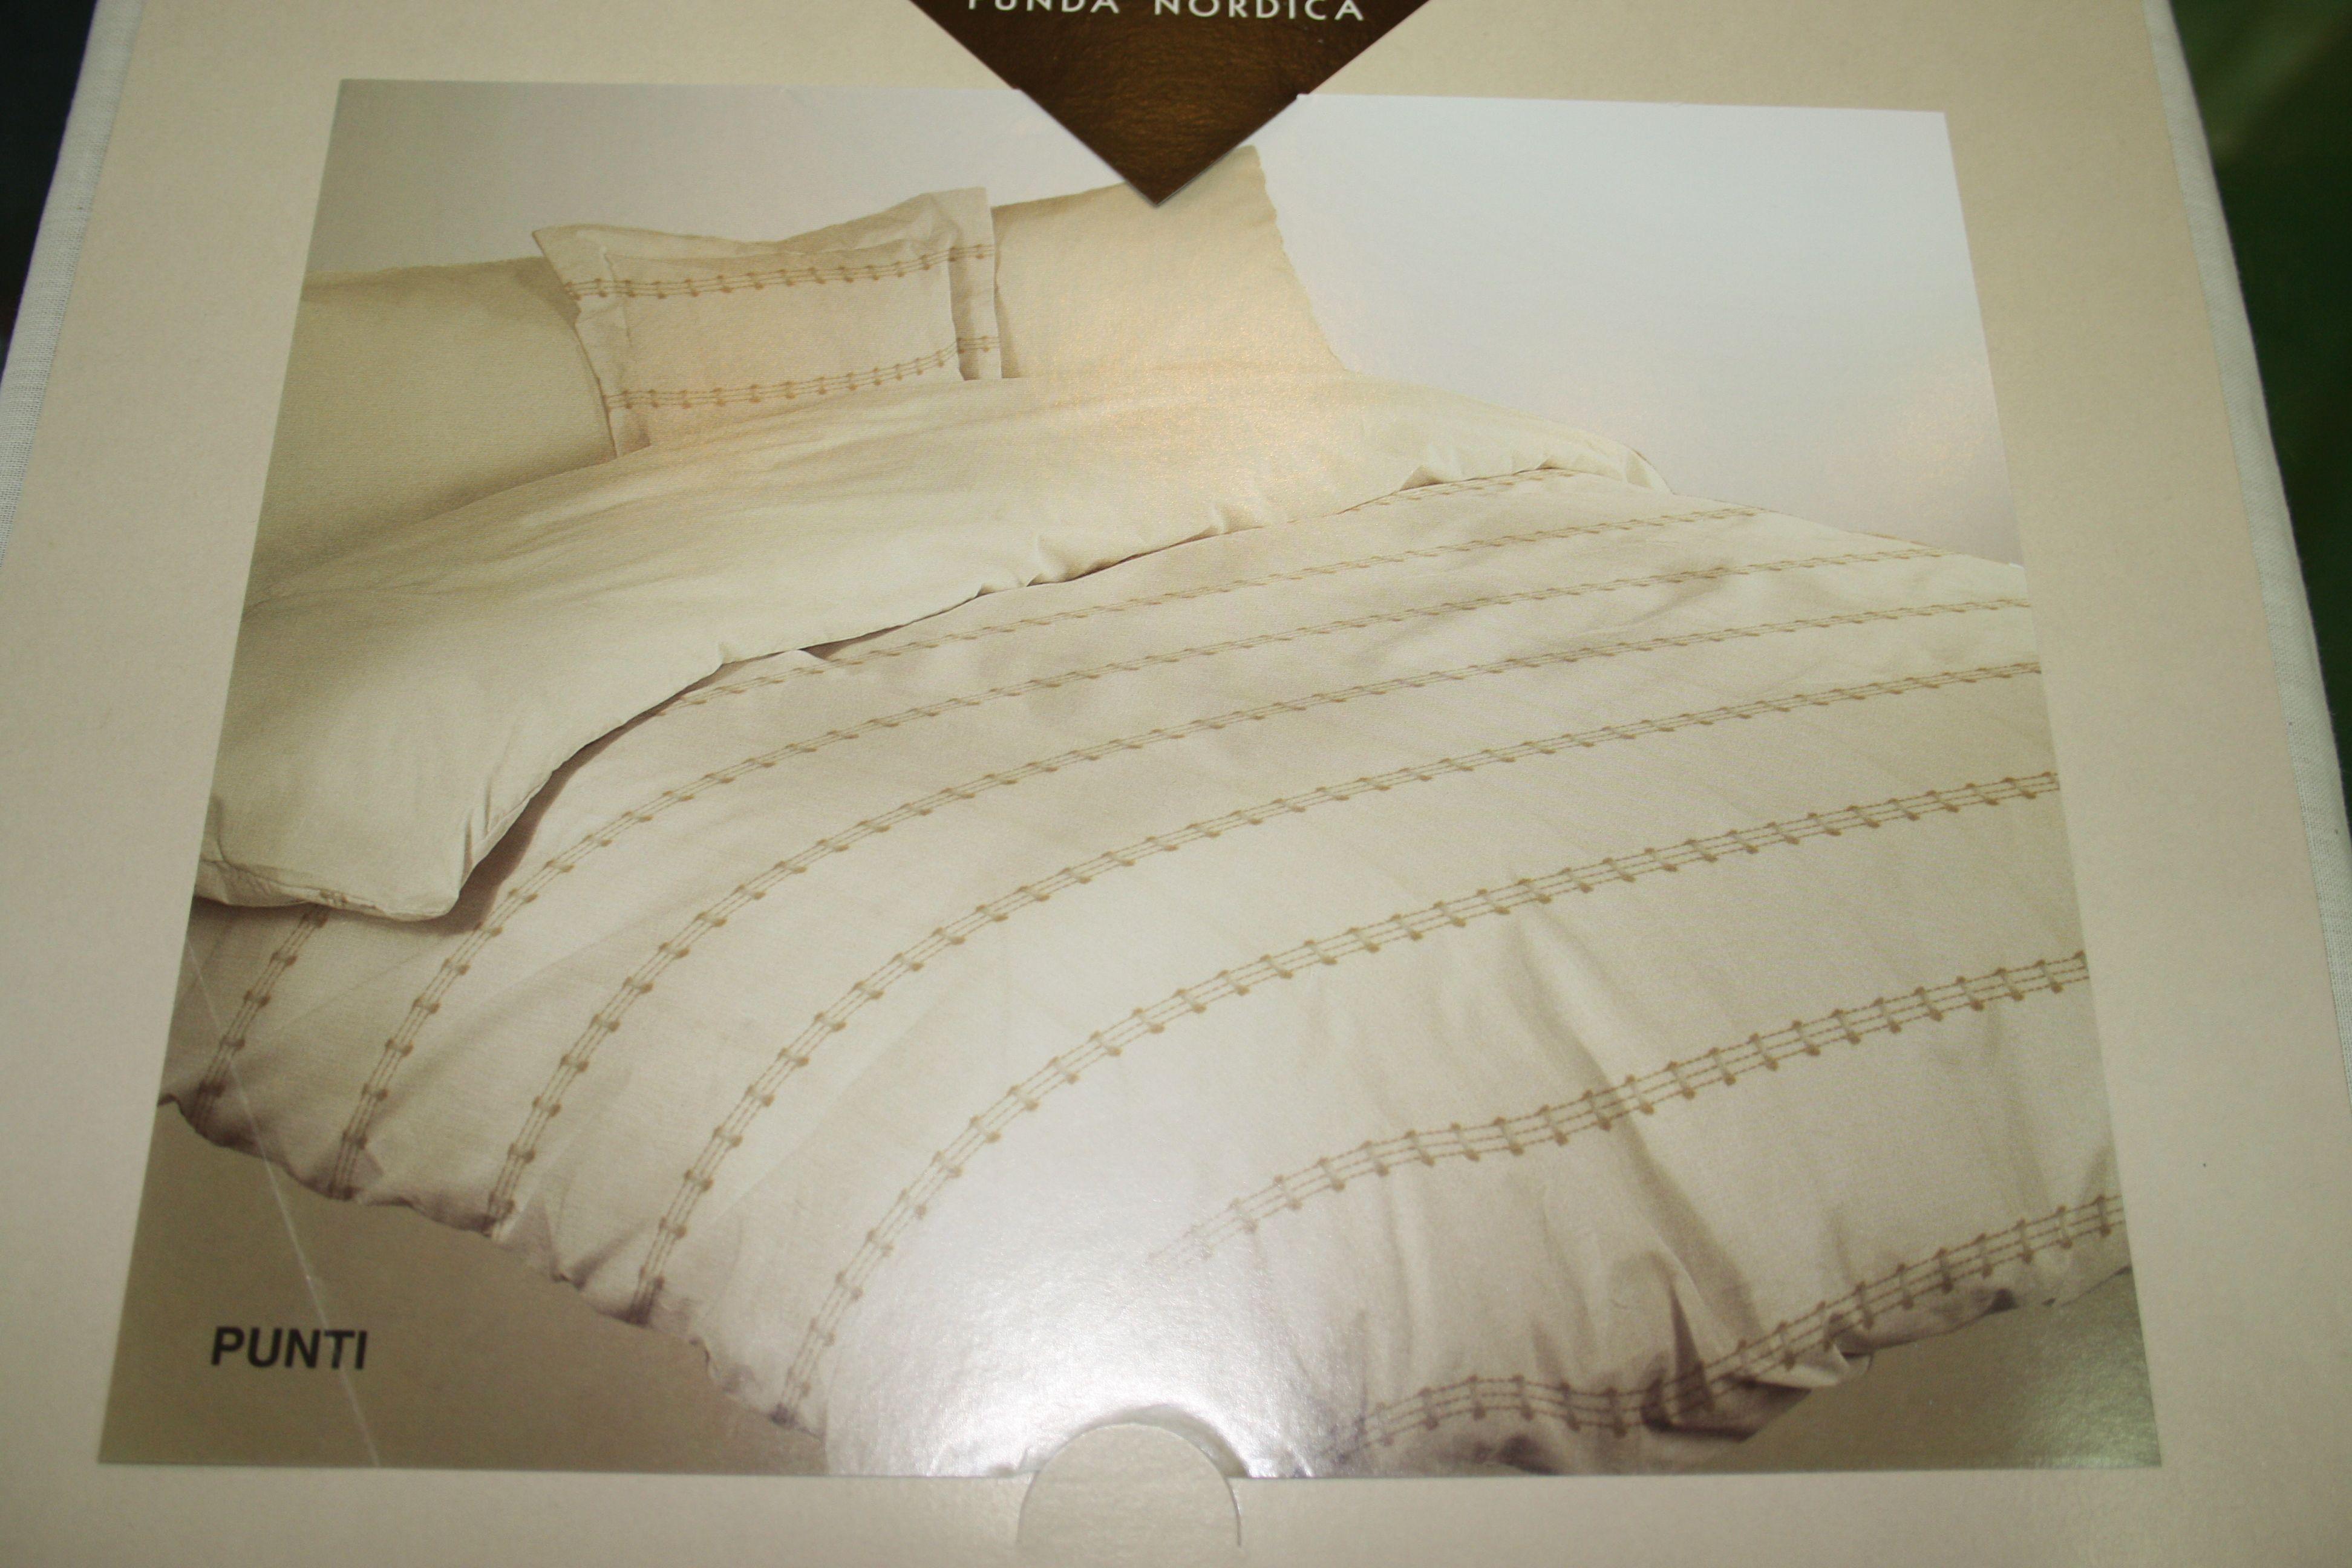 Punti. Conjunto de saco bajera ajustable, funda y almohada. Cama 135 cm.: Catálogo de La Cibeles